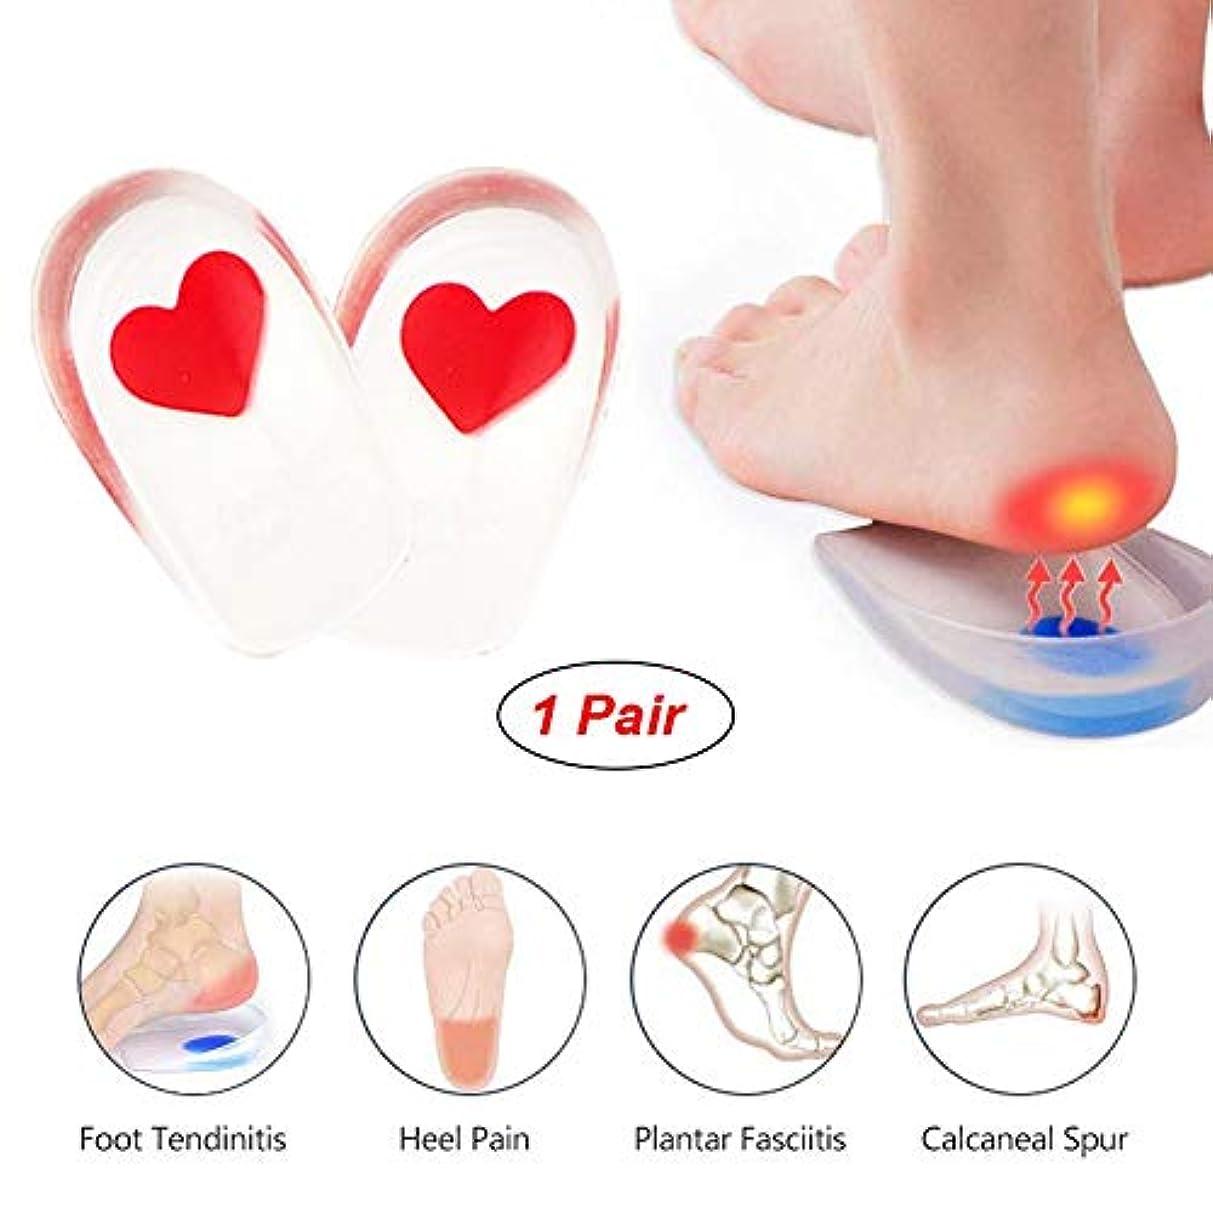 脅威ブレイズ差別化する1ペアジェルヒールカップ足底筋膜炎は、ヒールの痛み、骨の痛み、アキレスの痛みのパッドを挿入します(女性/男性/小/大/赤/青)Large-Red